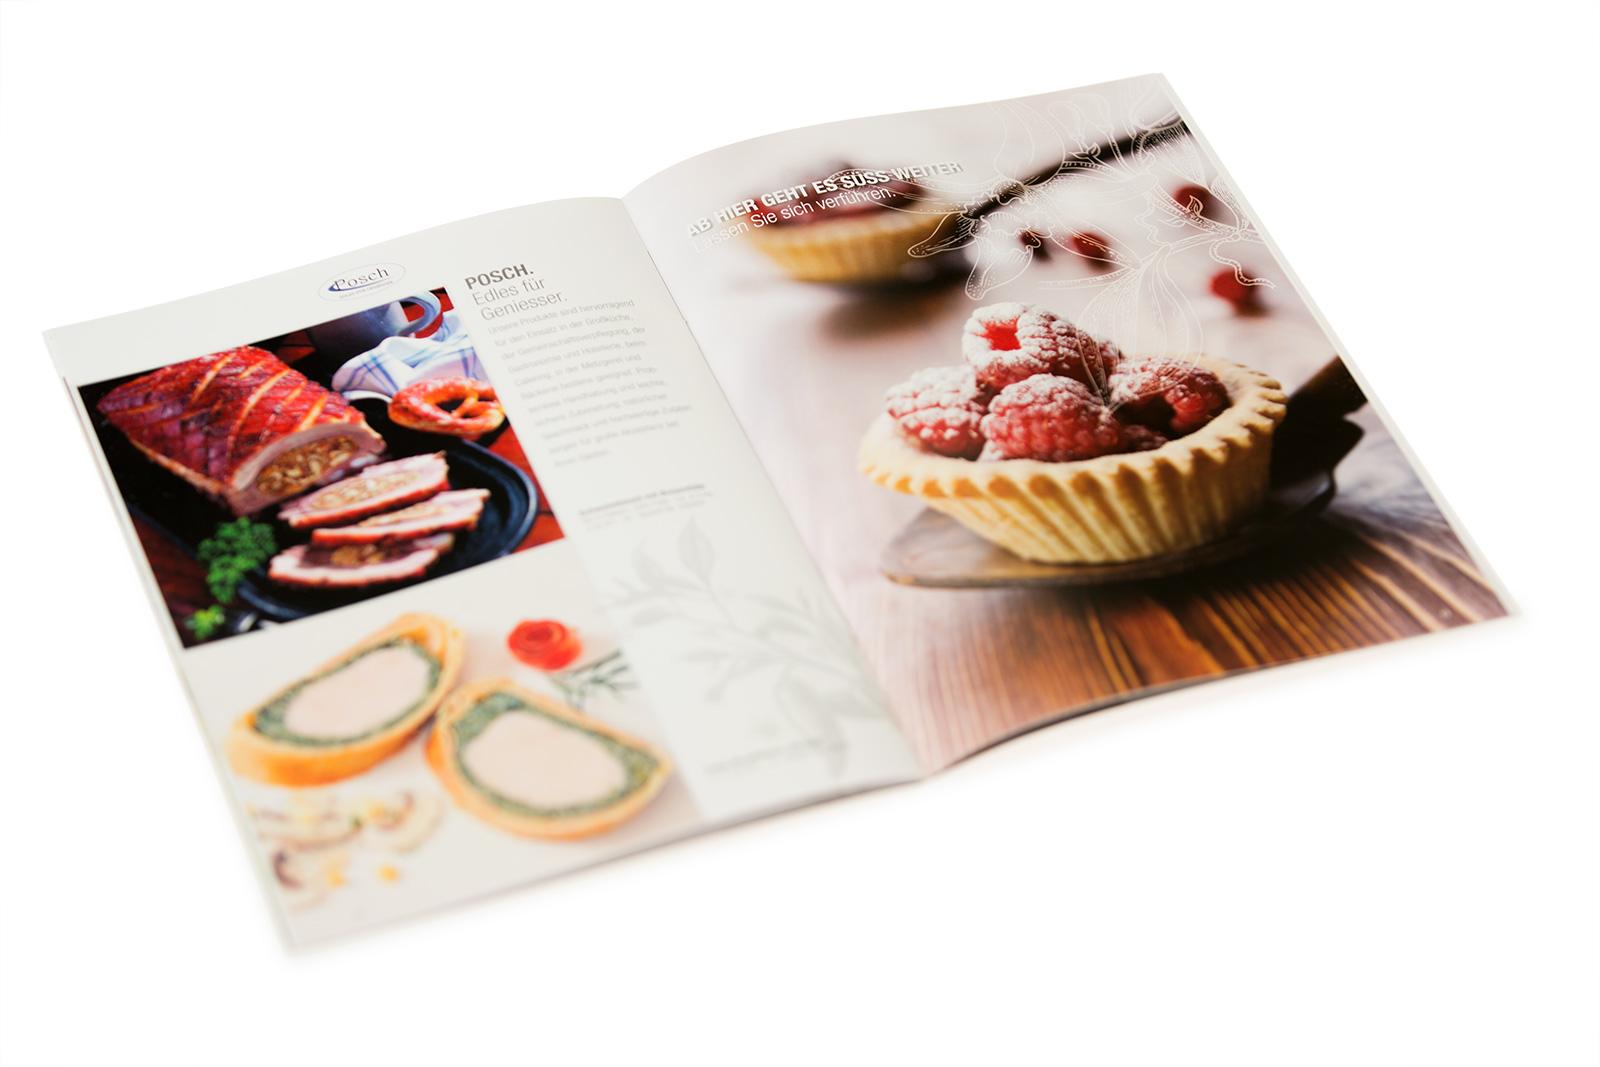 Gilde_Food-Katalog_Pasteten